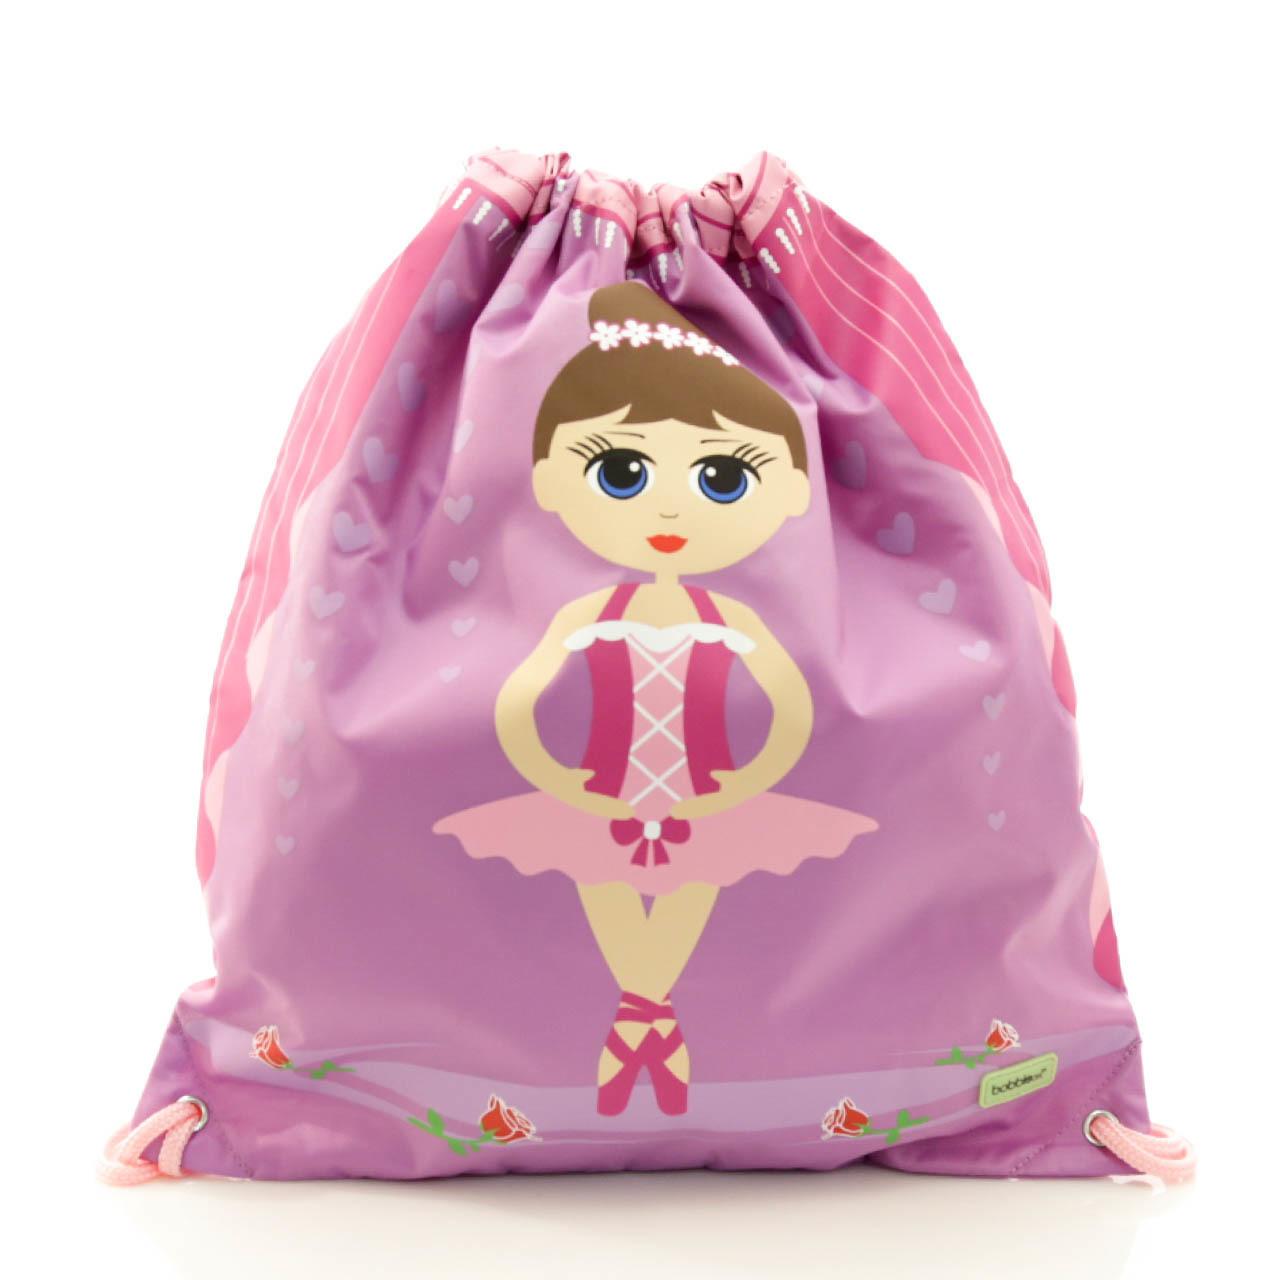 BobbleArt Kids Drawstring Bag - Ballerina image